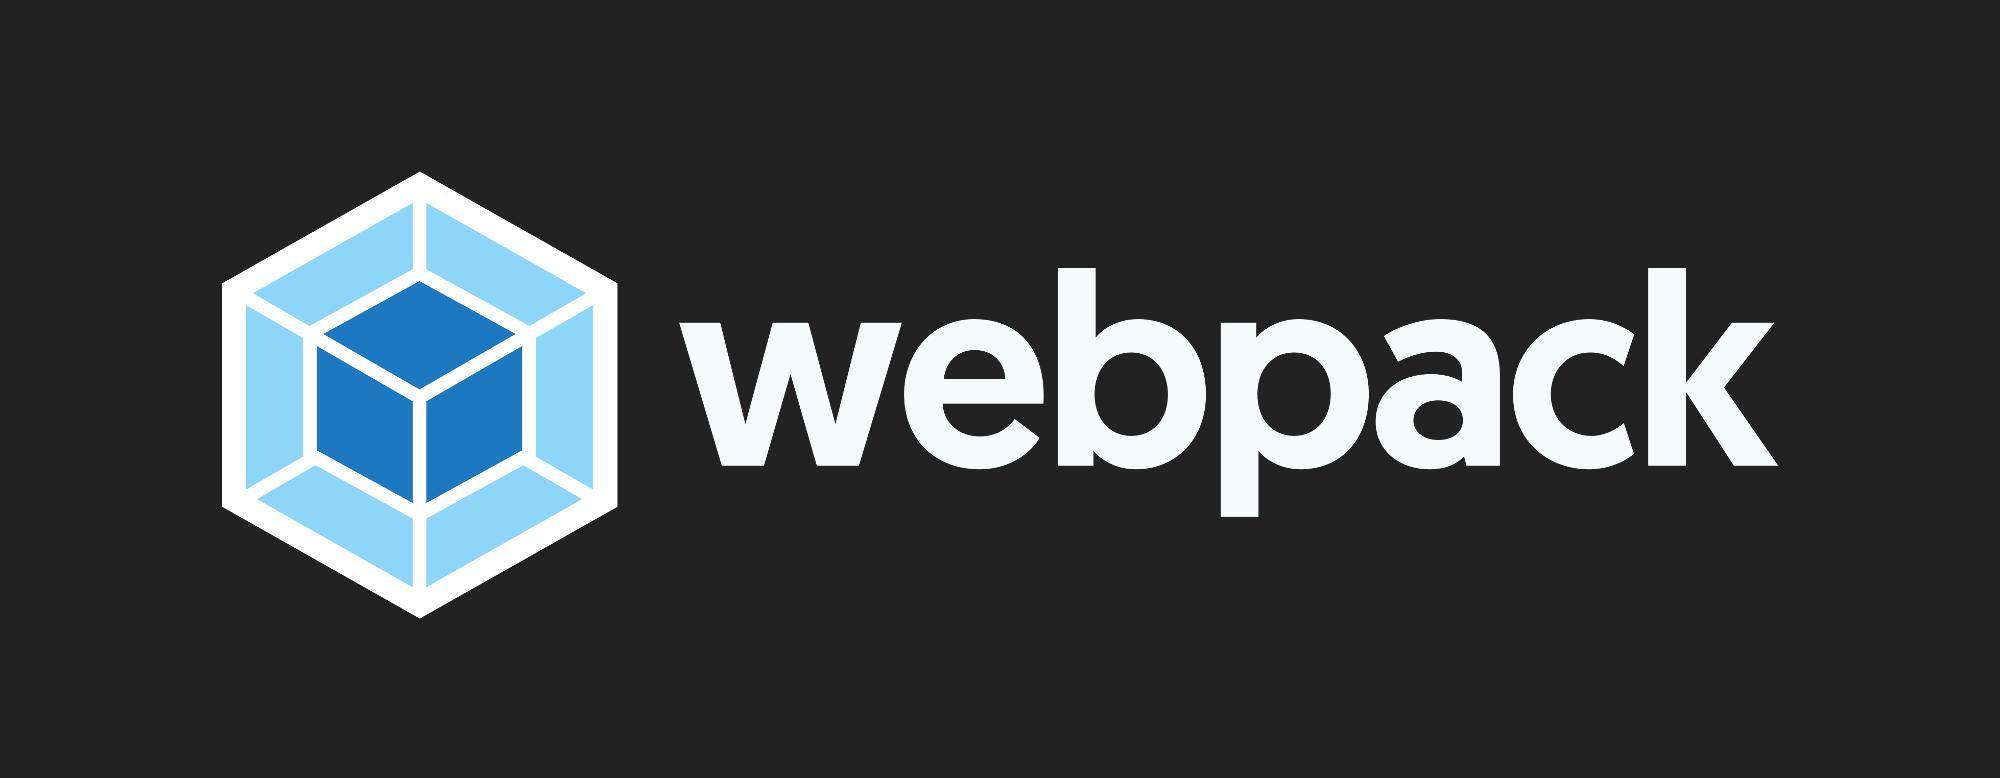 Webpack 4